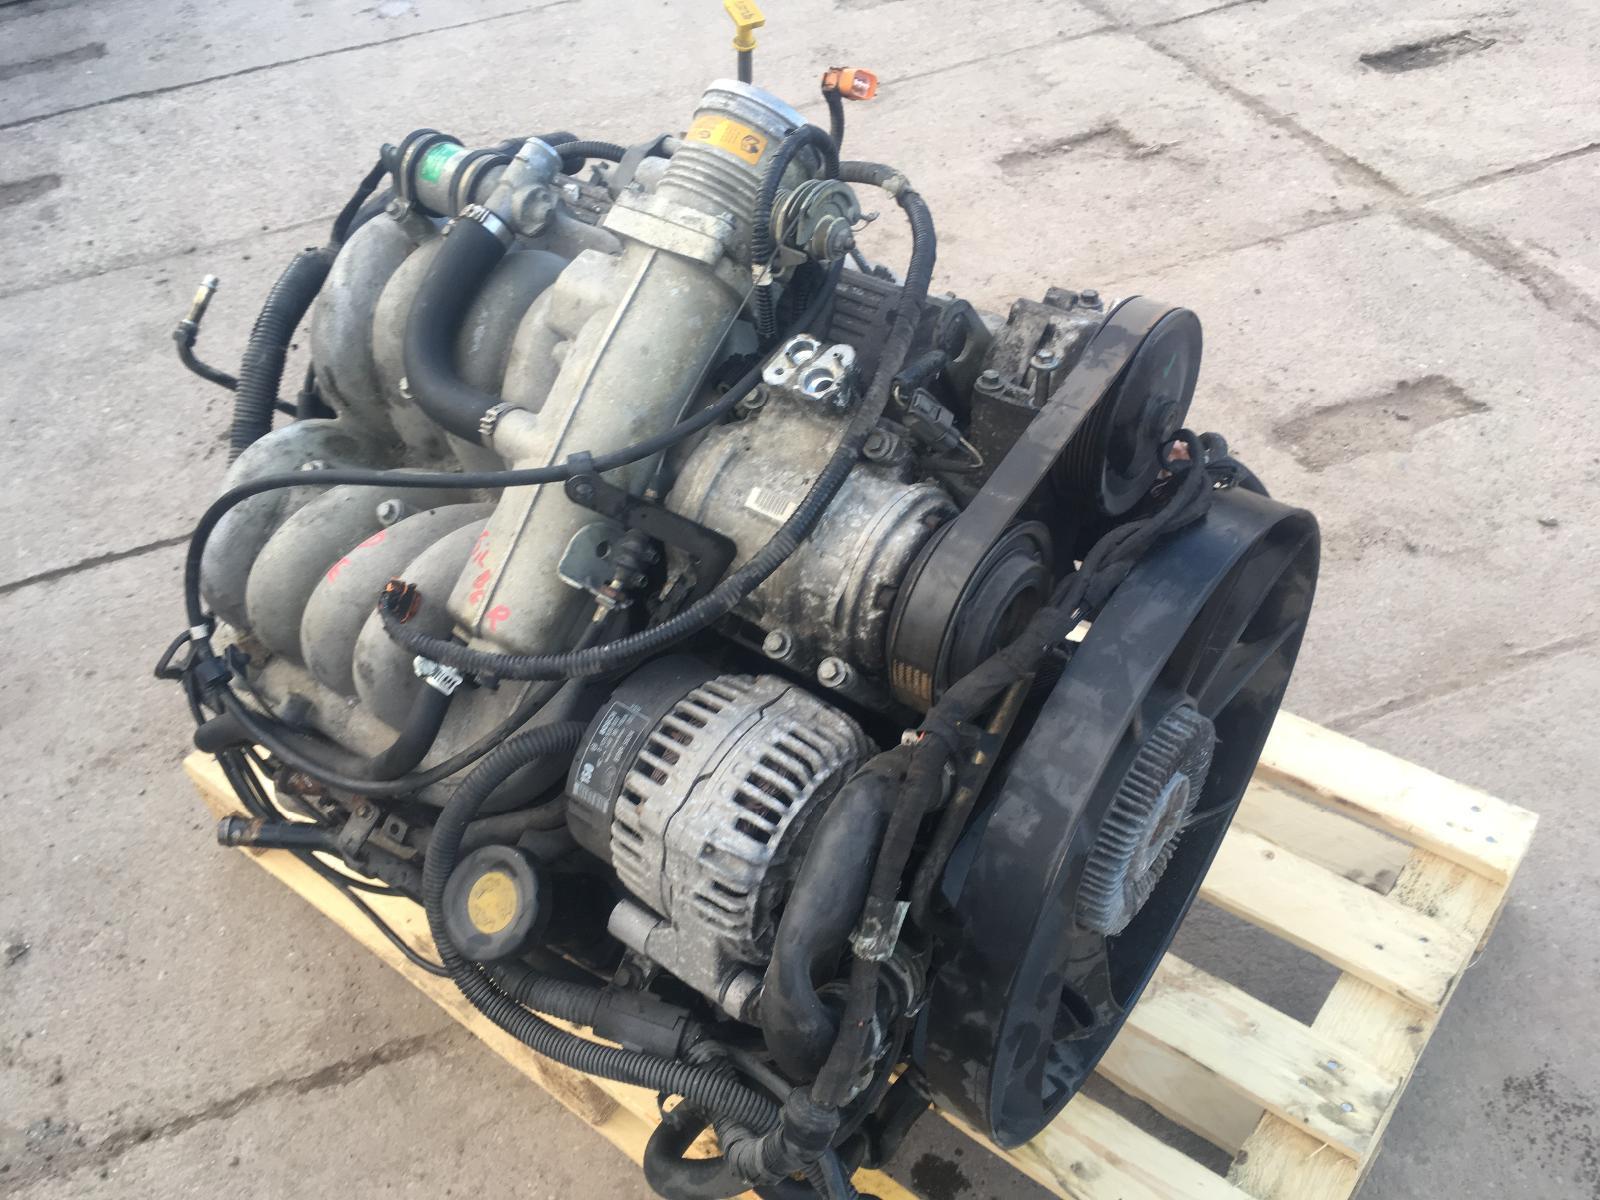 land rover discovery 2 range rover p38 motor engine v8 4. Black Bedroom Furniture Sets. Home Design Ideas